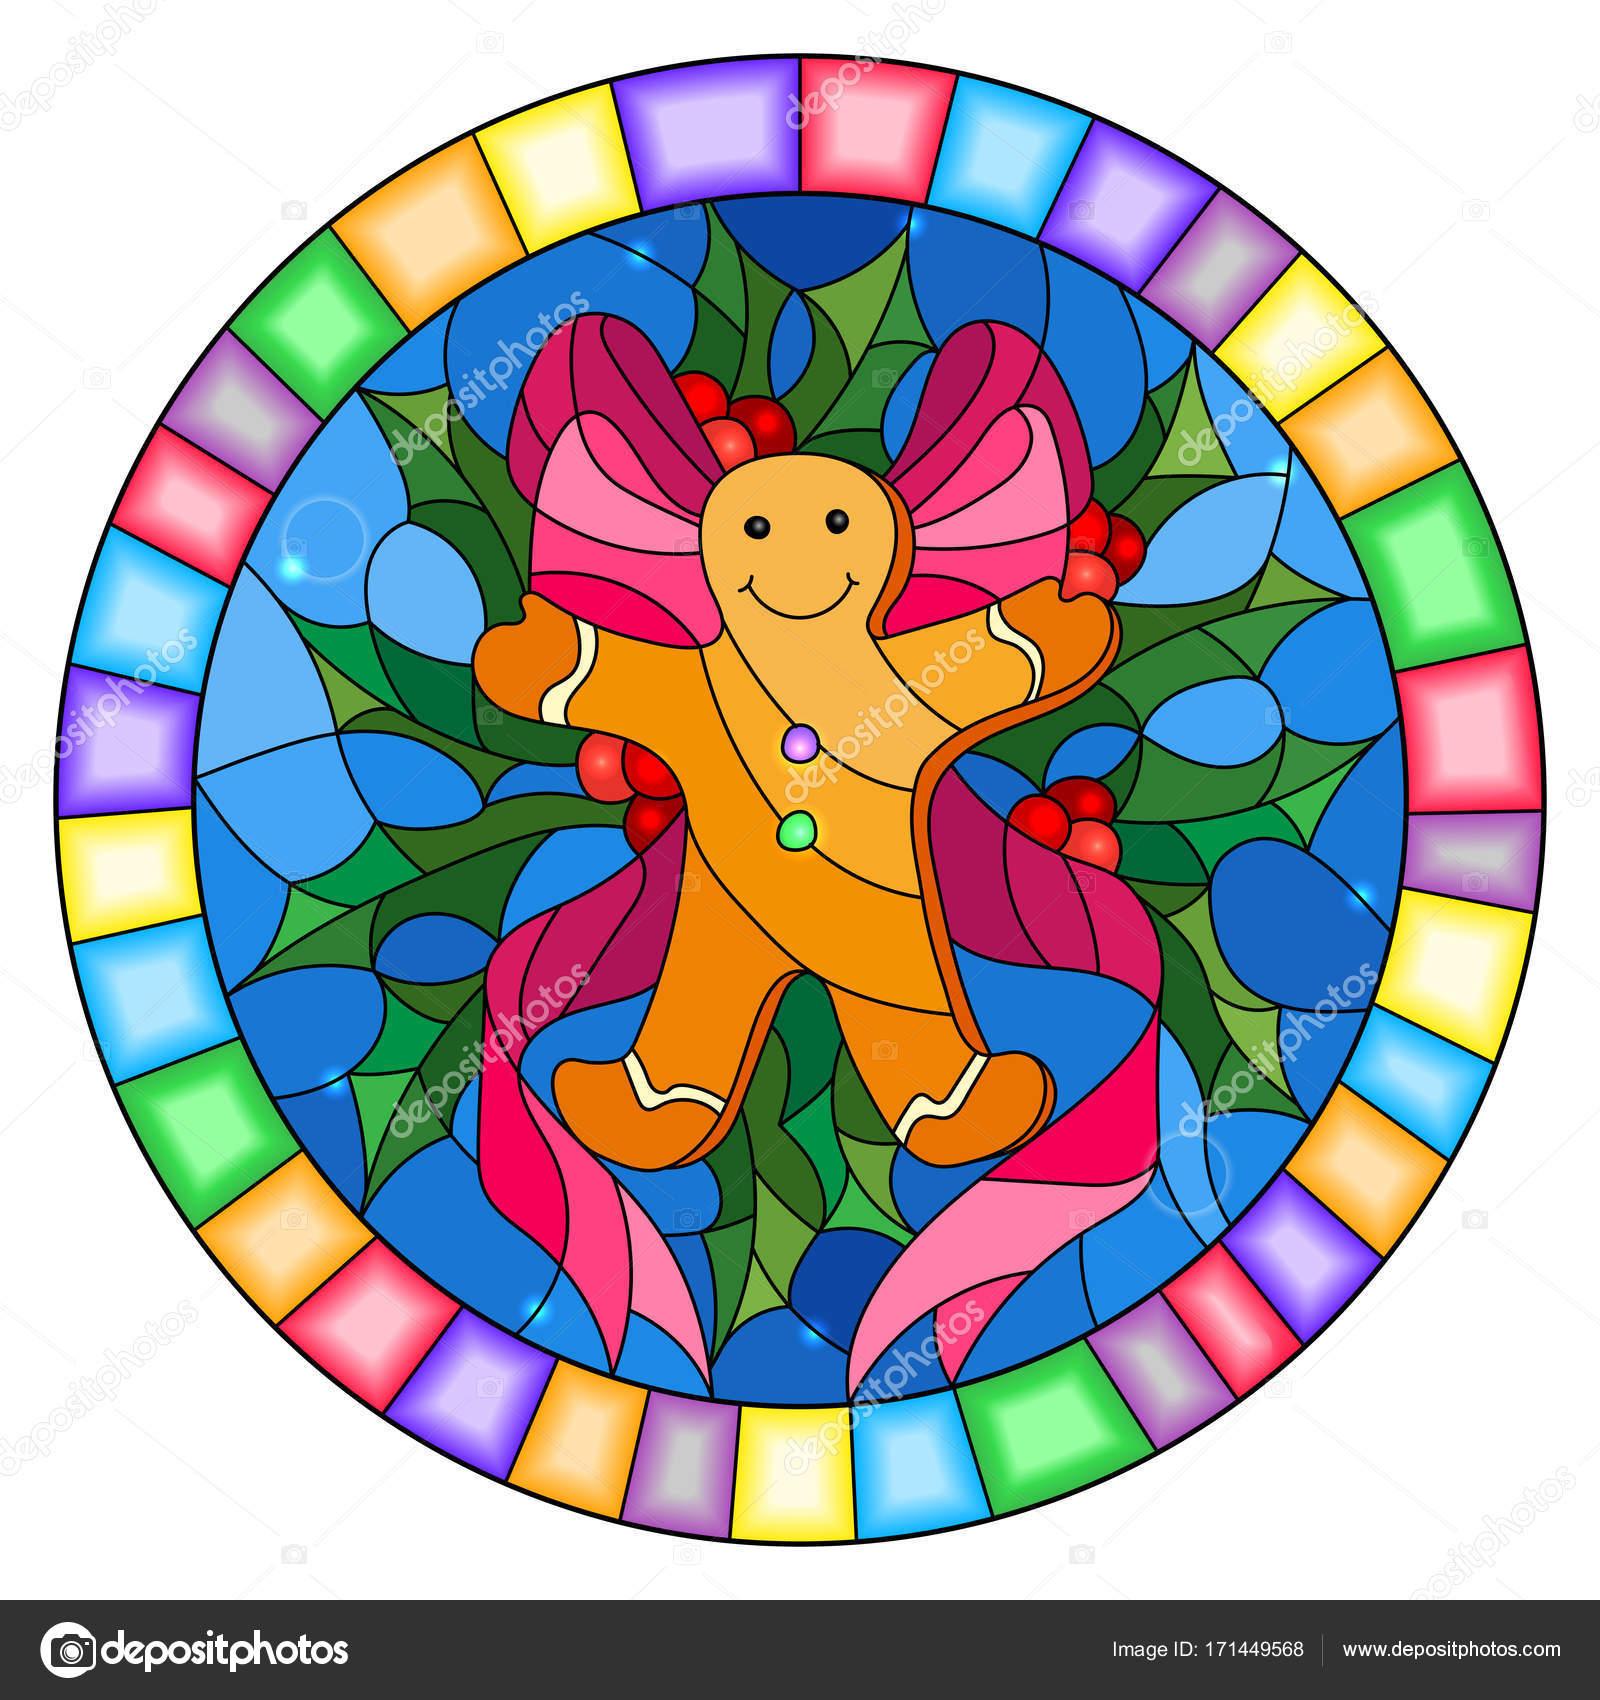 Abbildung in Glasmalerei-Stil mit einem Lebkuchenmann, Band und ...